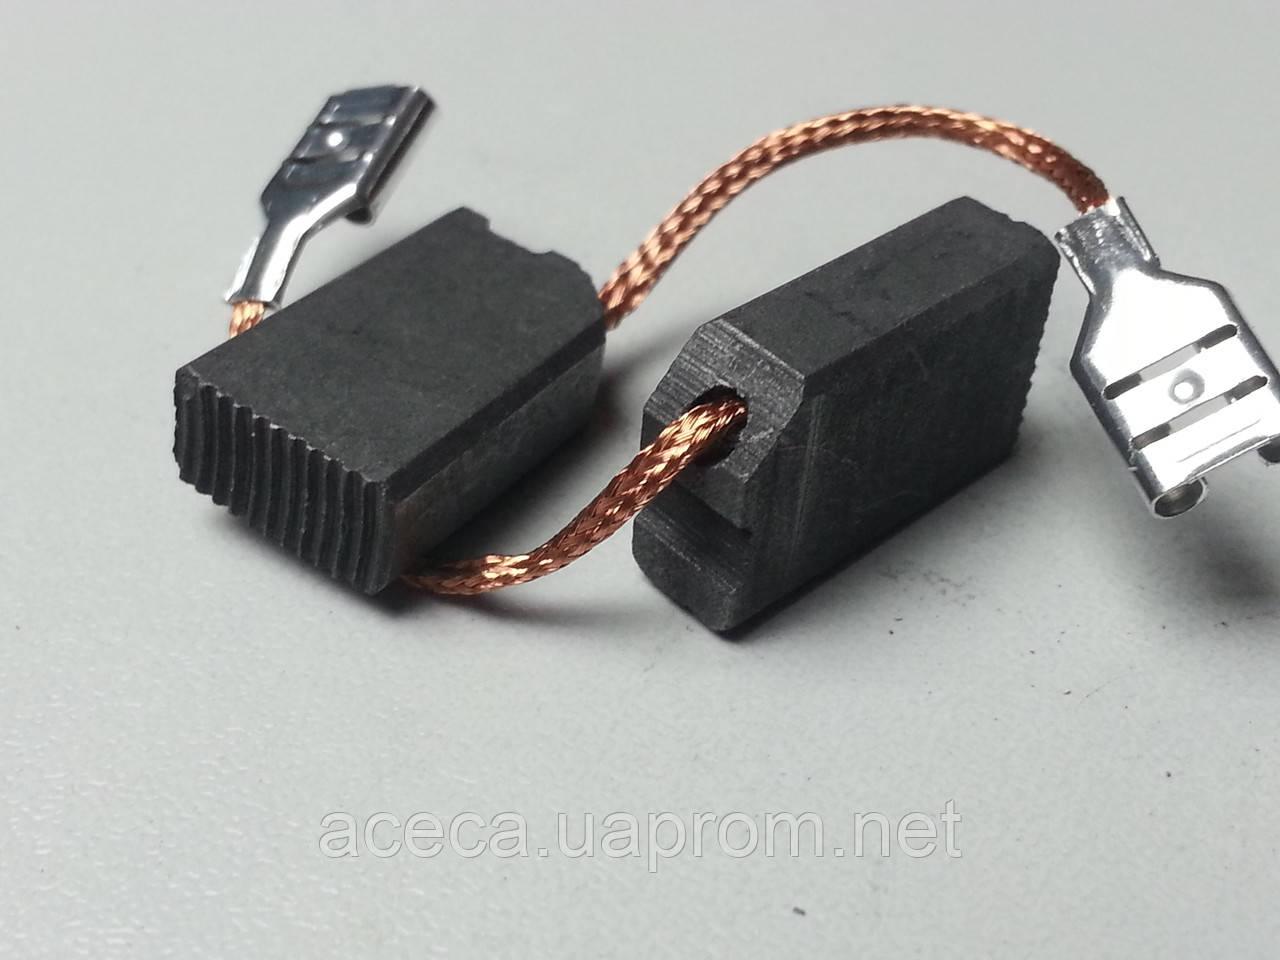 Щетка графитовая к электроинструменту (6.3*12.5*20)